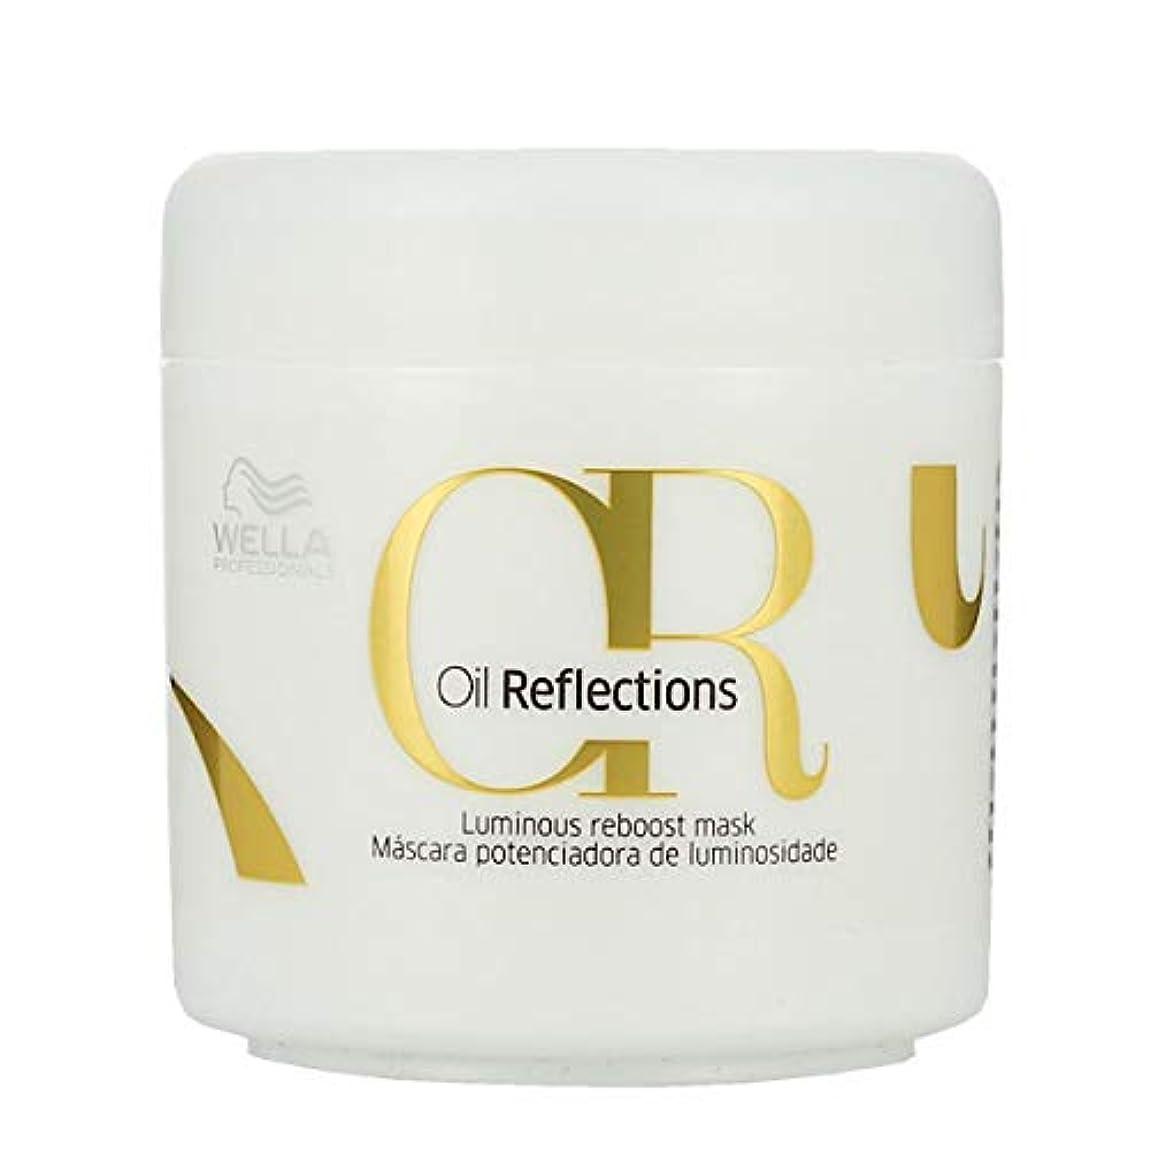 材料ポーク馬力Wella Professionals Oil Reflections Luminous Reboost Mask ウエラ オイルリフレクション マスク 150 ml [並行輸入品]